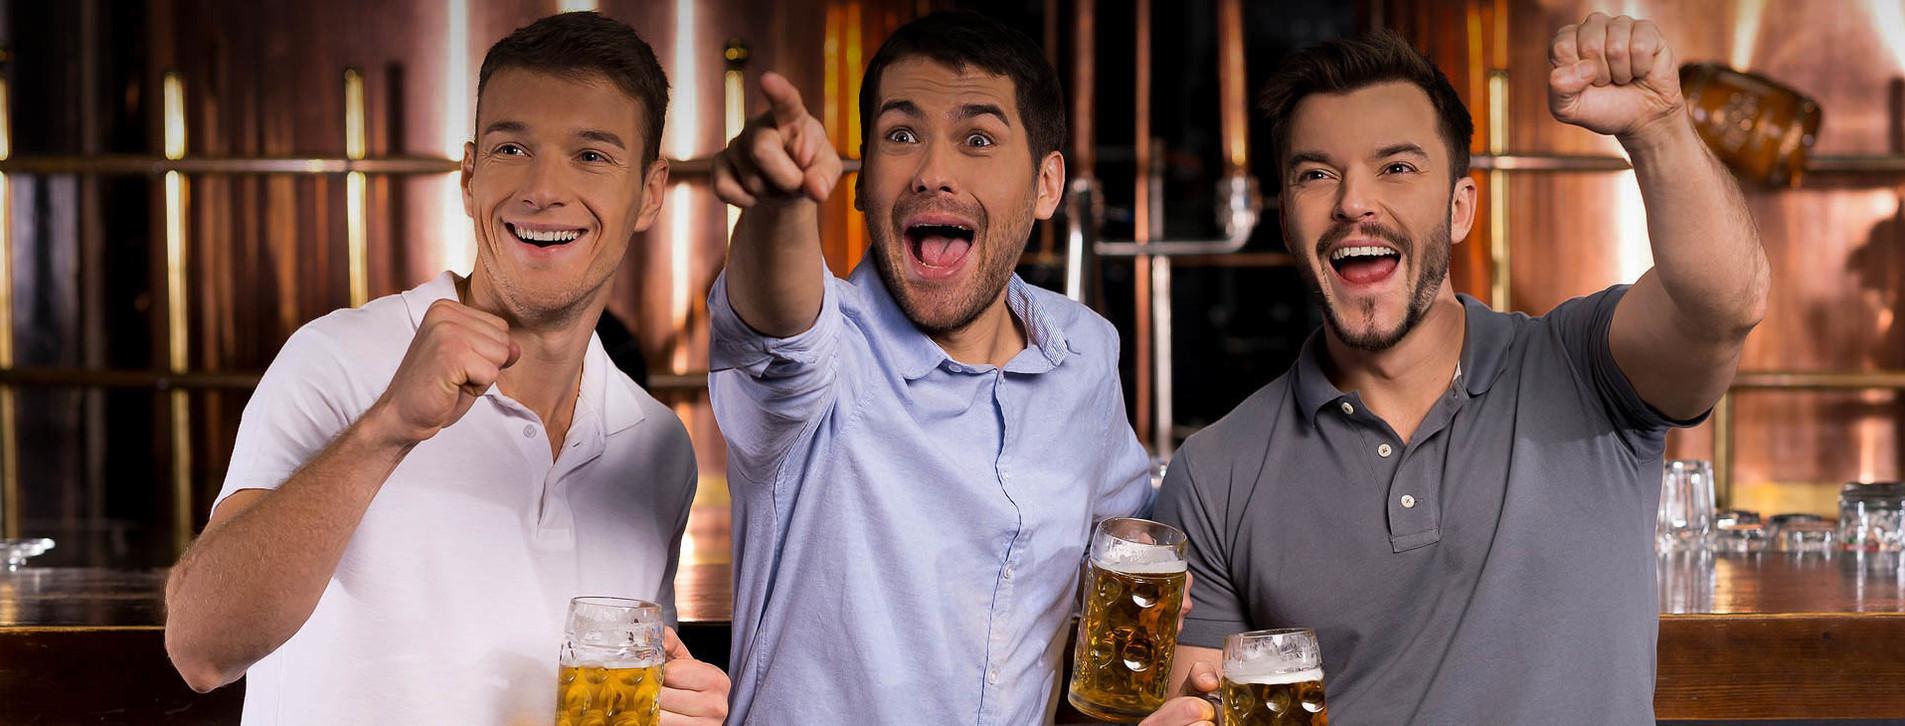 Фото 1 - Пивний вечір у пабі для компанії